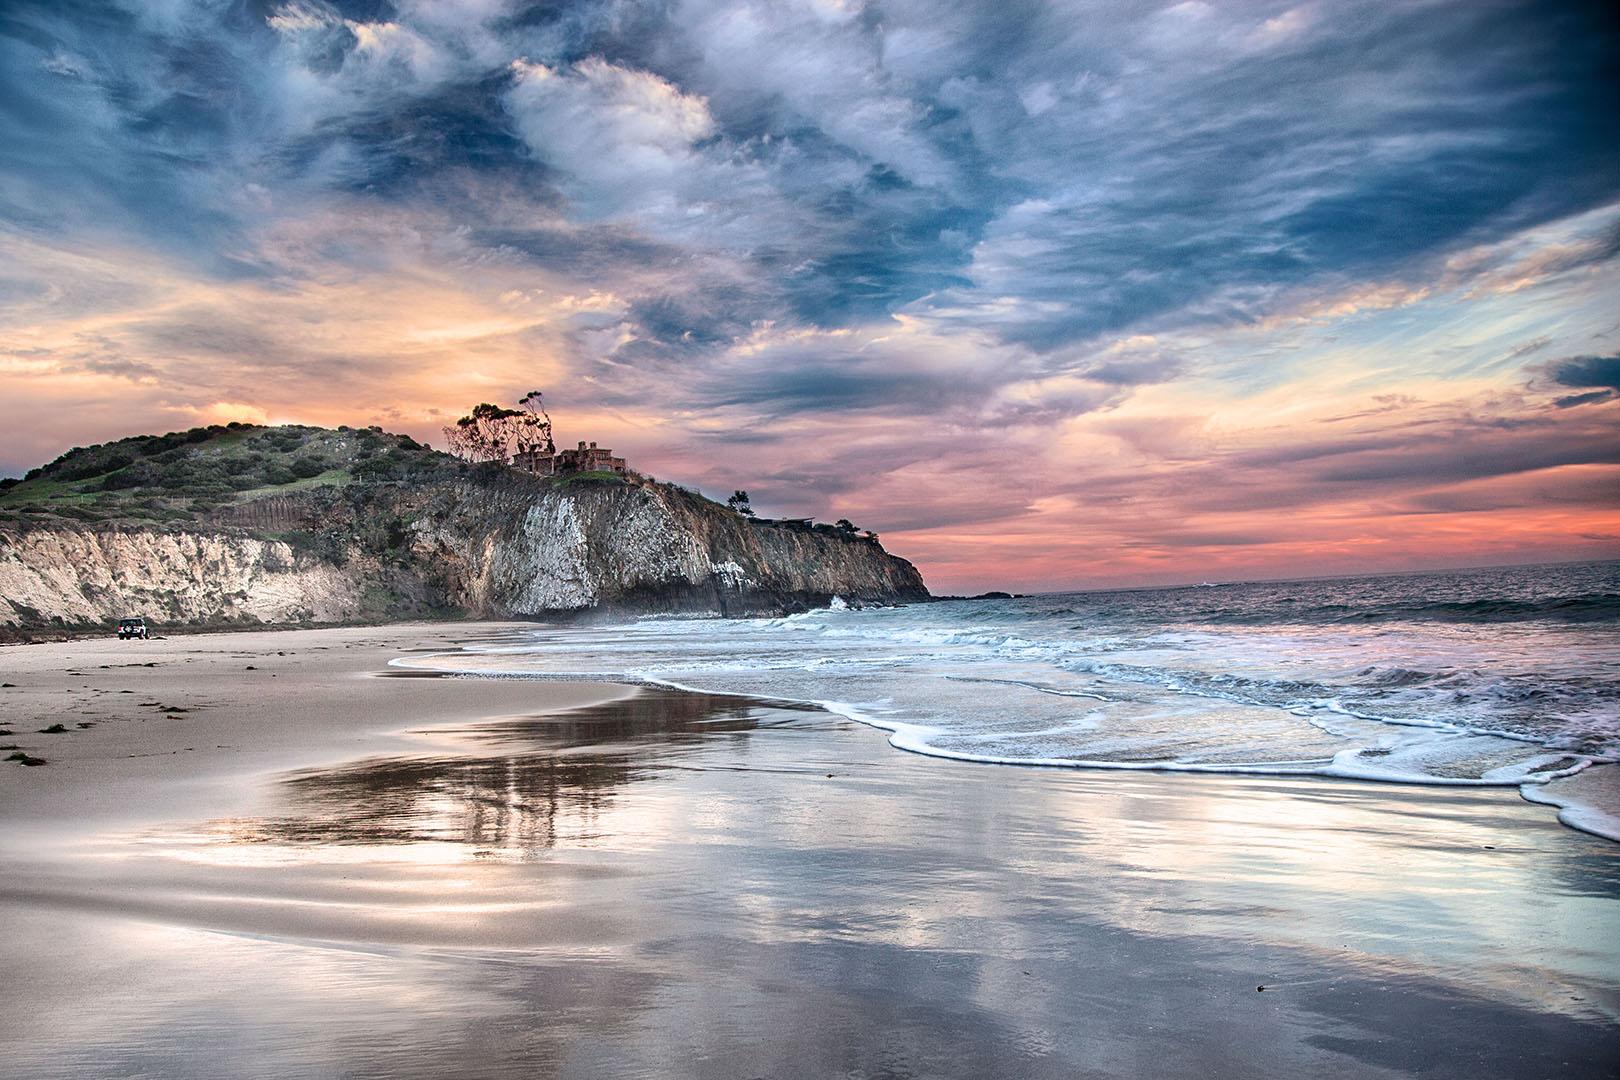 Crystal Cove, Abalone Point, Laguna Beach